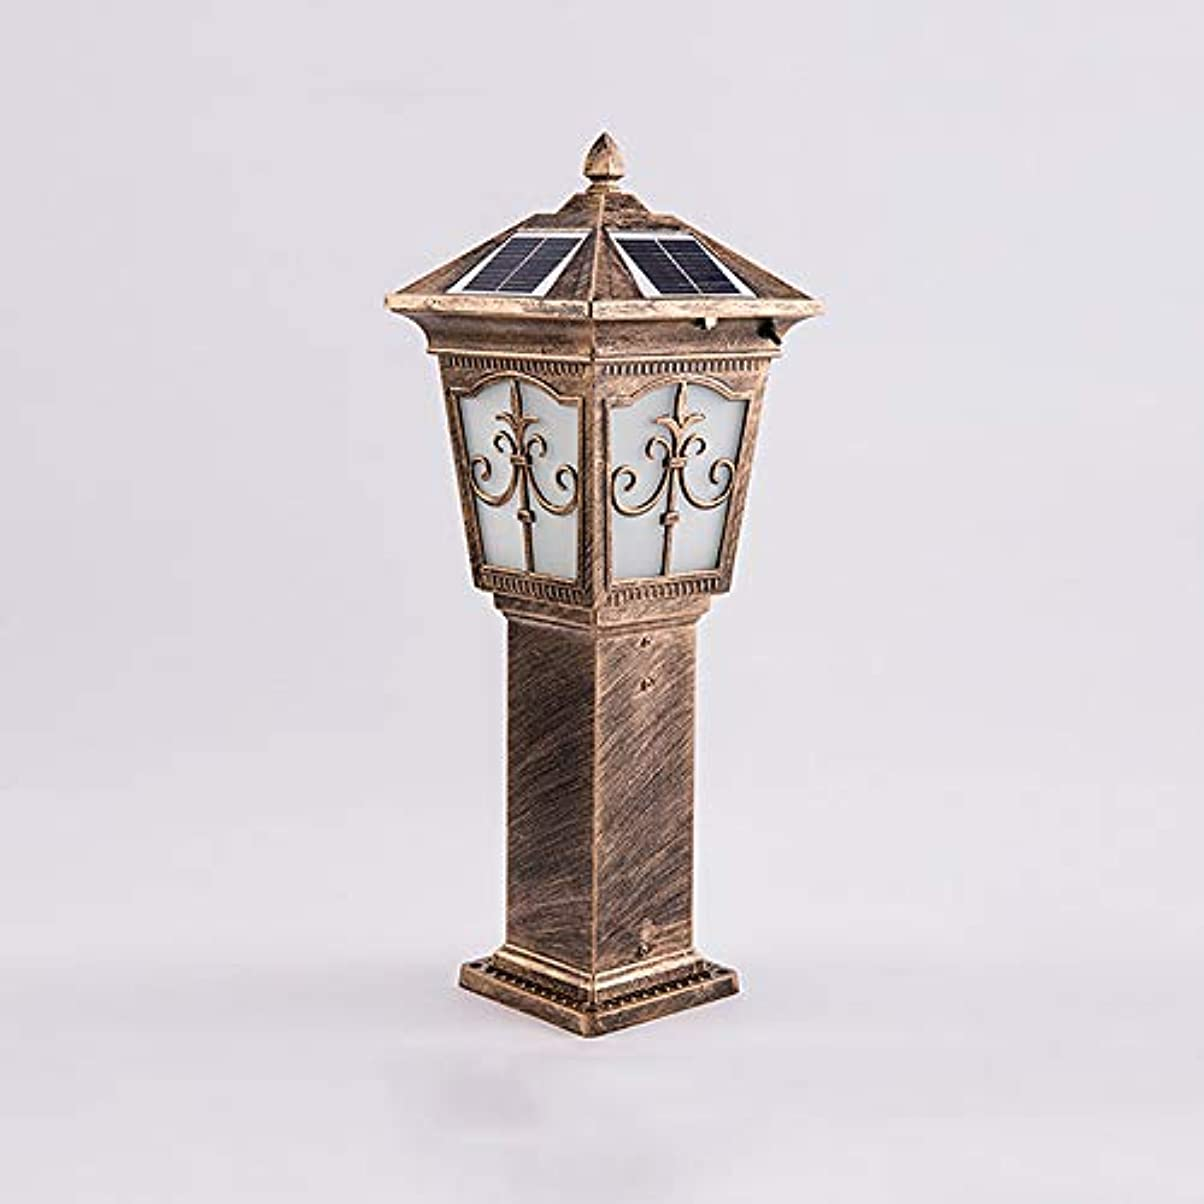 誰も穴段階Pinjeer Ledソーラー2色調光防水屋外ポストライトヨーロッパヴィンテージアルミガラスコラムライトガーデン芝生風景ヴィラ家の装飾柱ランプ (Color : Brass, サイズ : Height 62cm)